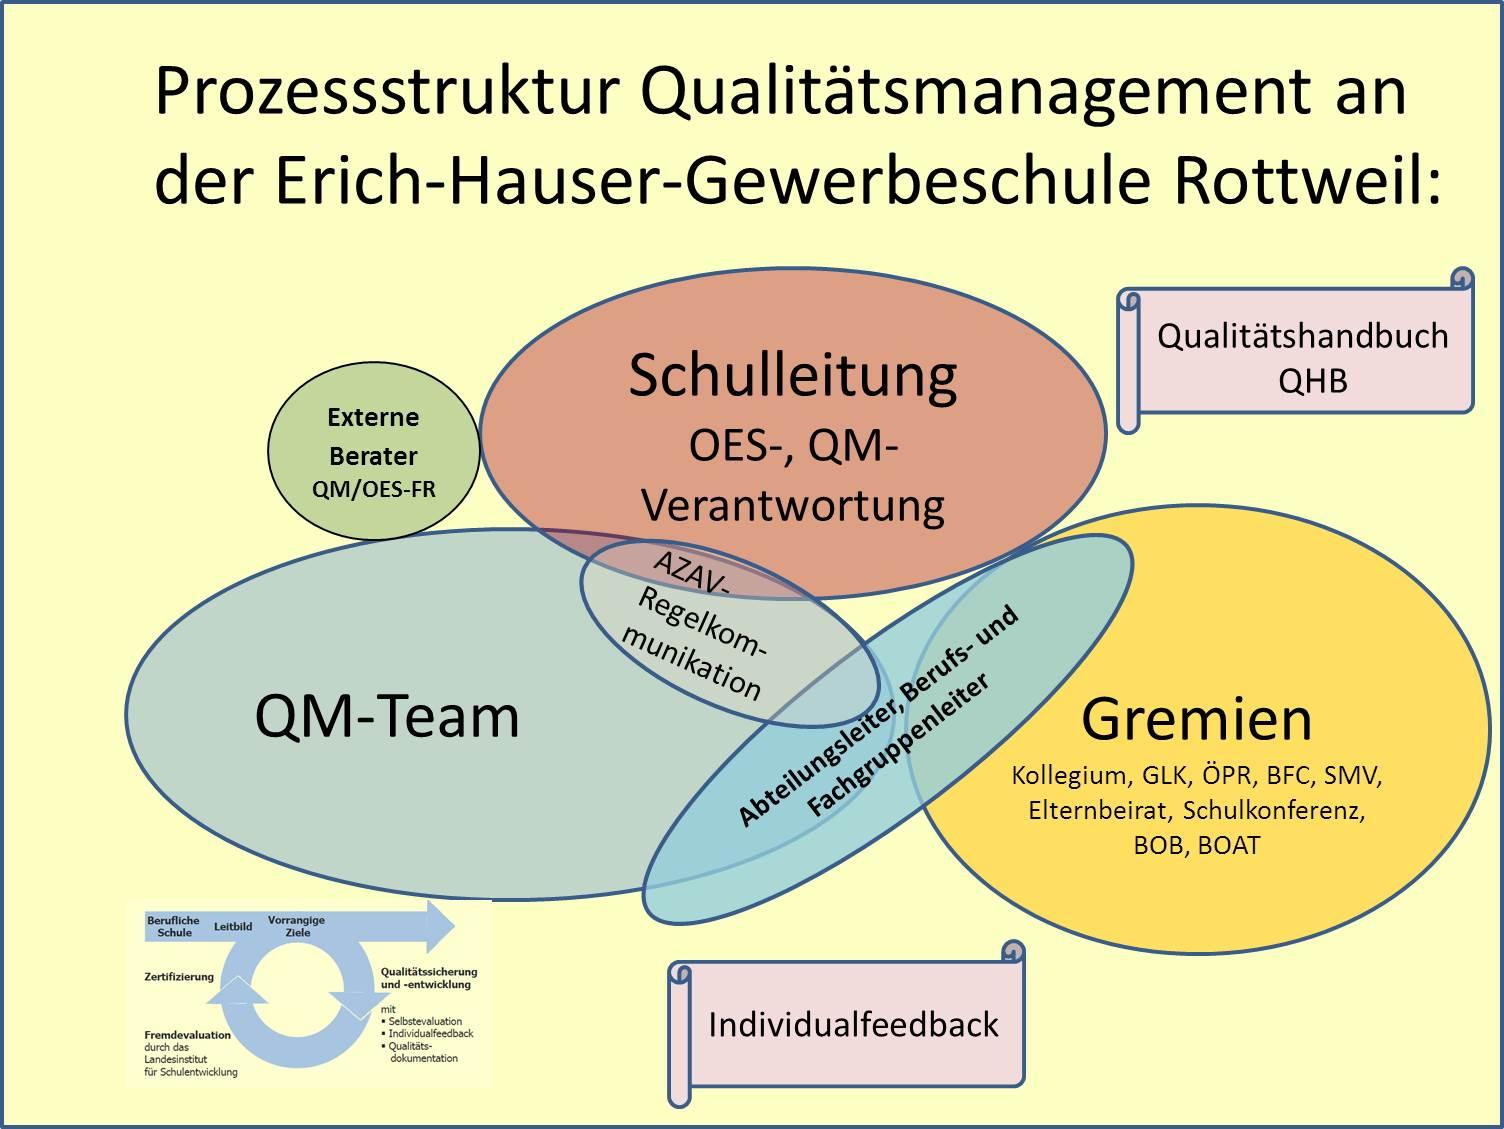 Darstellung der Prozessstruktur des Qualitätsmanagements an der Erich-Hauser-Gewerbeschule Rottweil